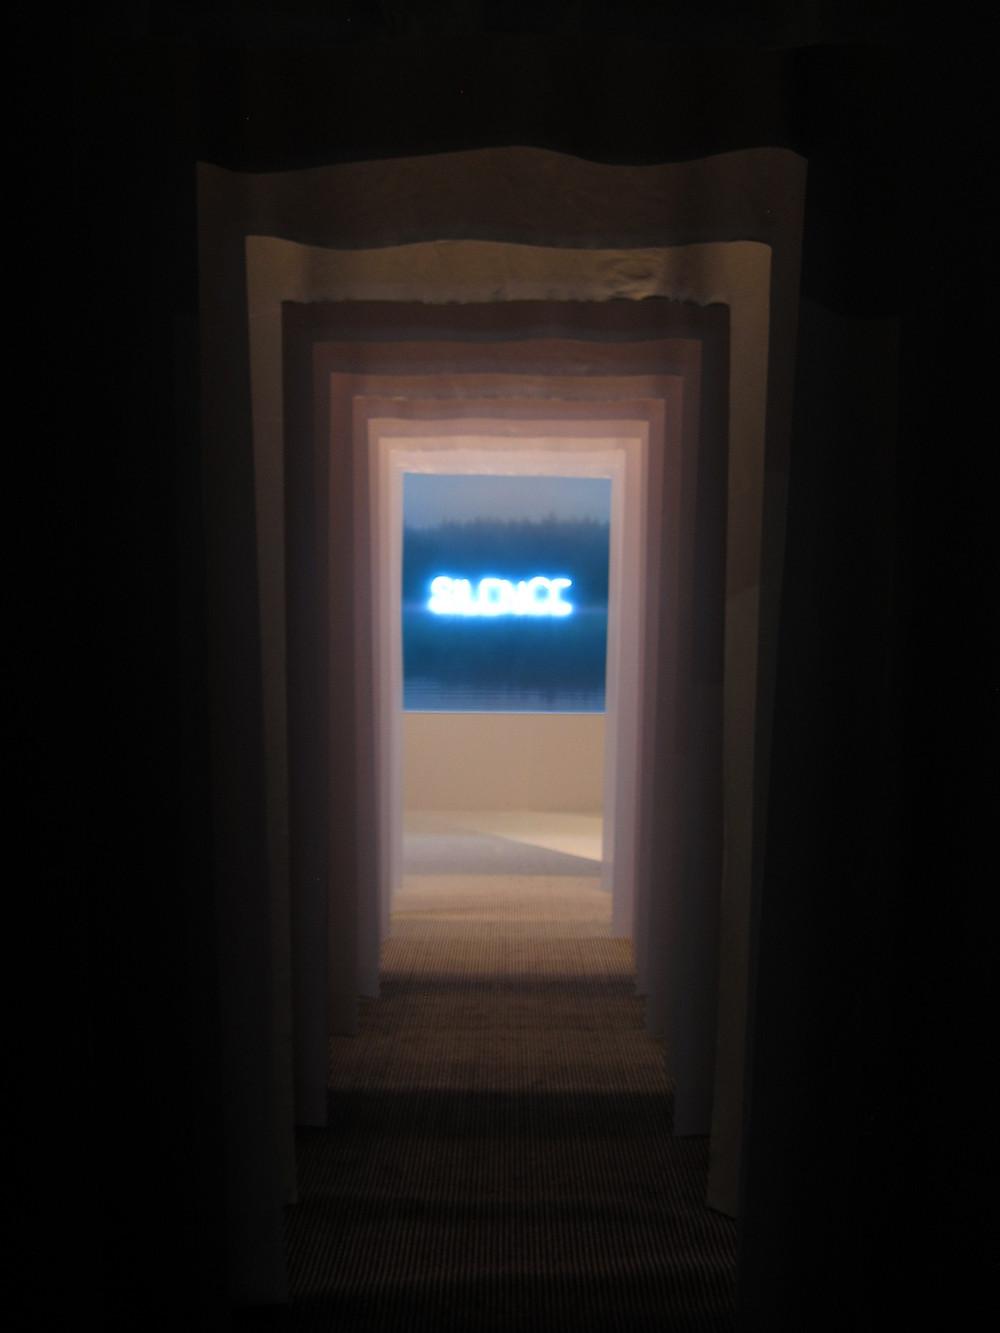 メゾンエオブジェ2017 パリ。インテリアコーディネーターのブログ。